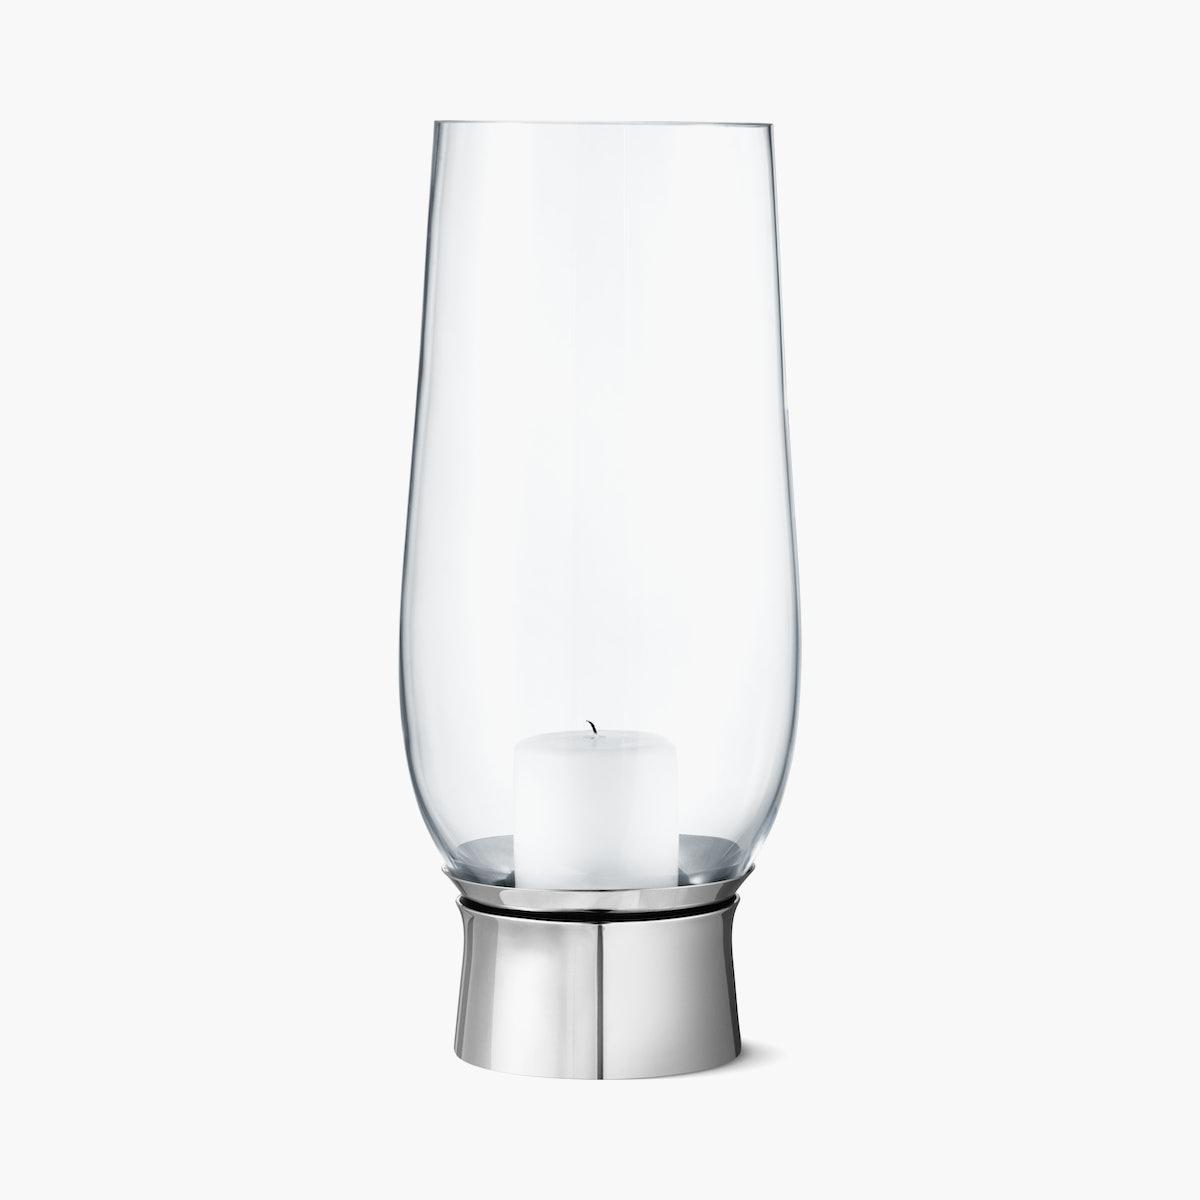 Lumis Hurricane Glass